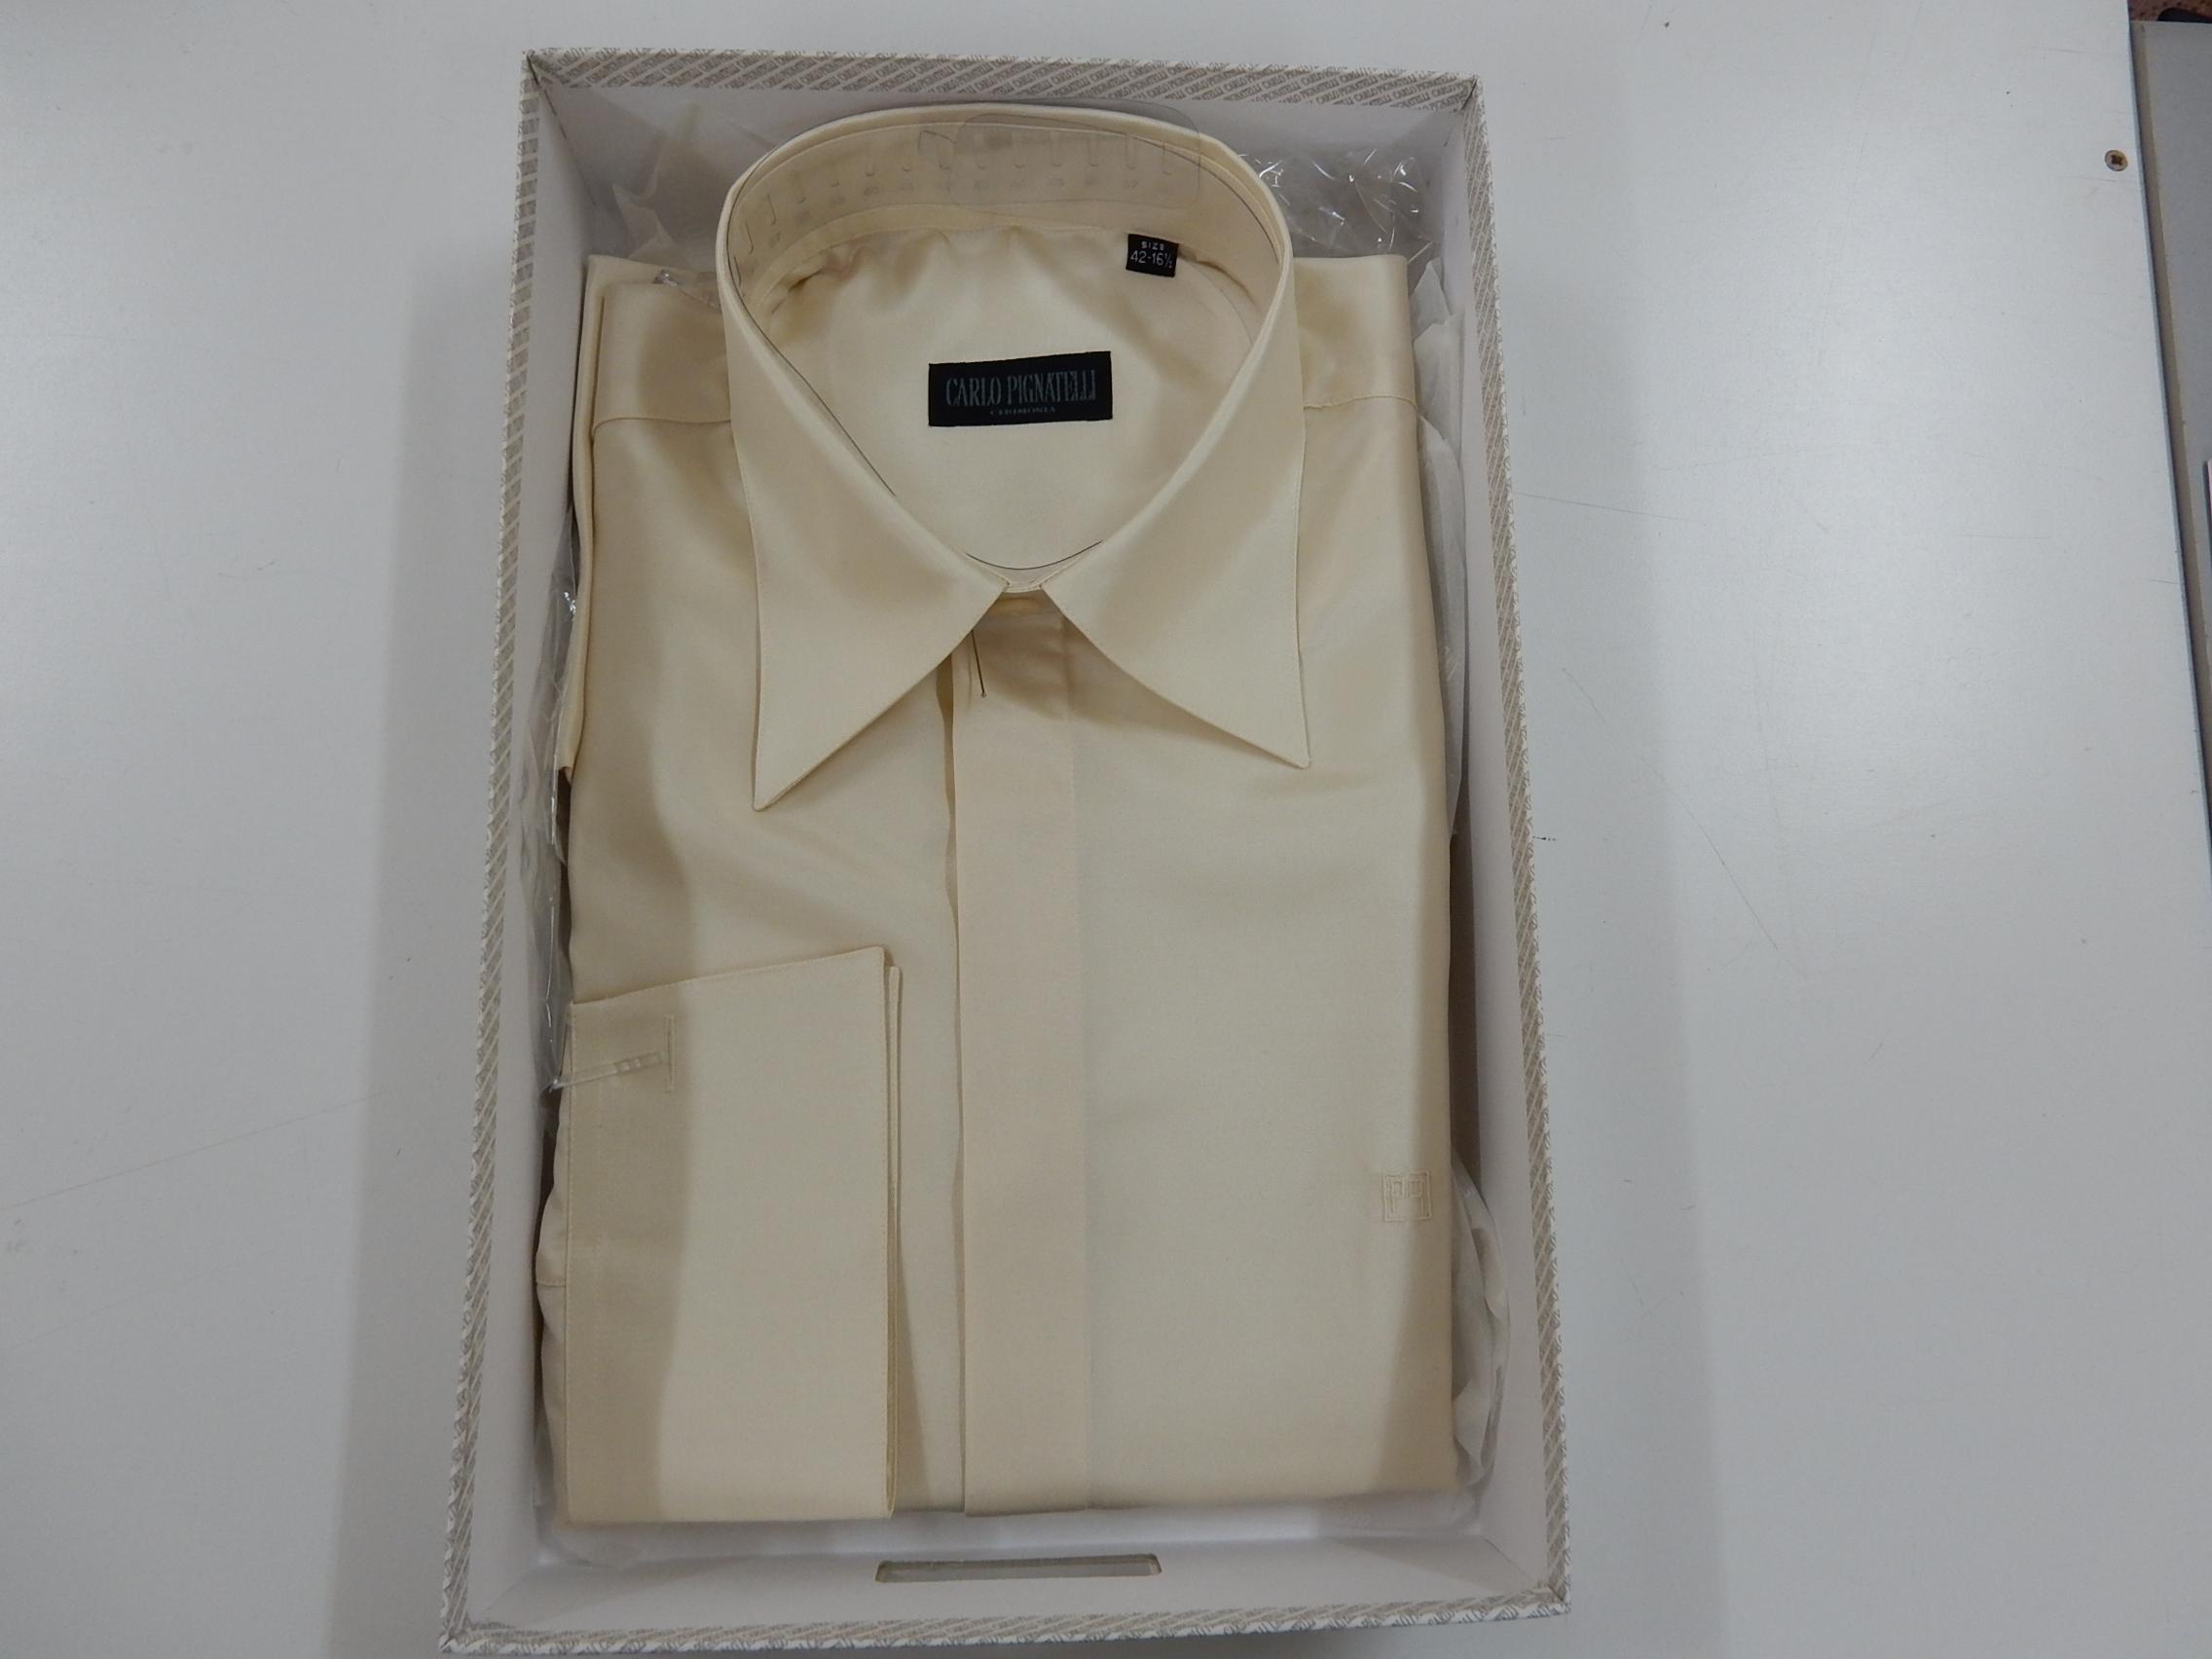 Rif. 22) Camicia Carlo Pignatelli taglia 42